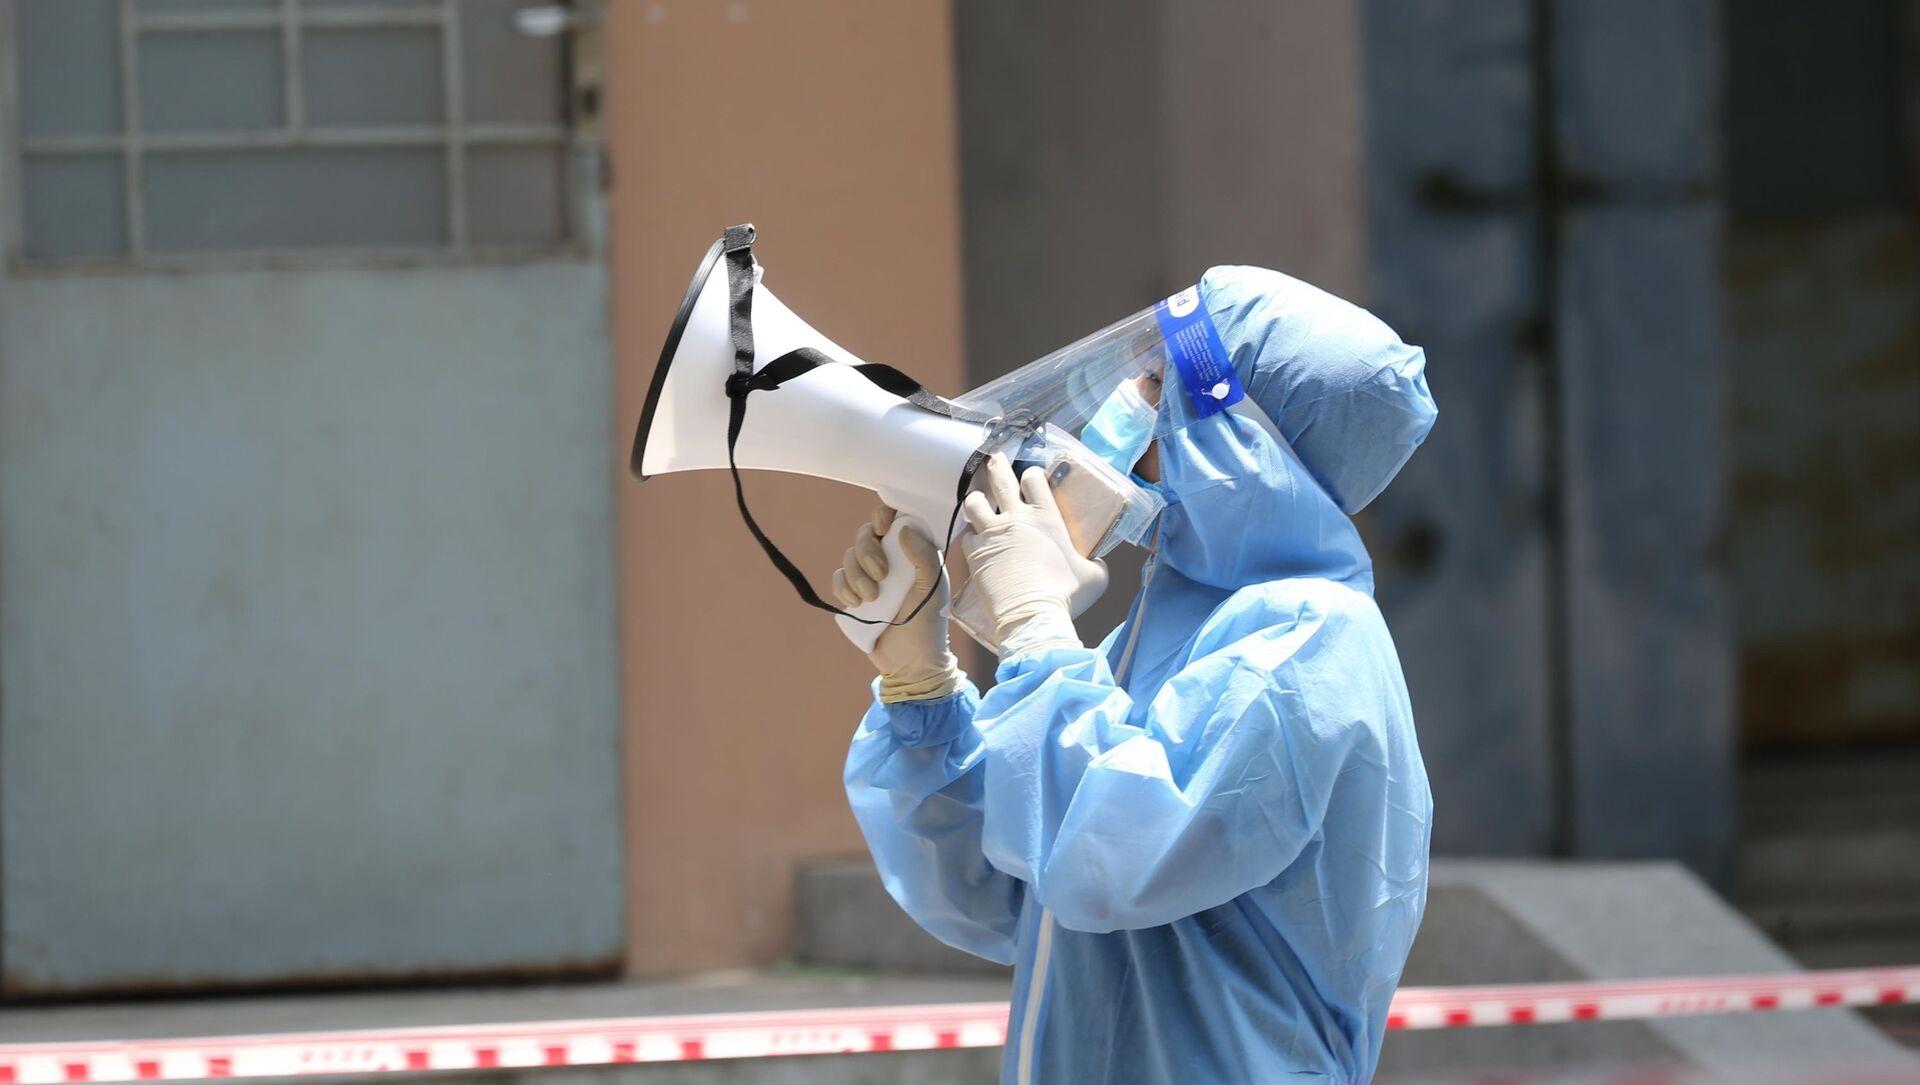 Nhắc nhở bệnh nhân COVID-19 tuân thủ đúng các quy định cách ly tại bệnh viện dã chiến thu dung, điều trị COVID-19. - Sputnik Việt Nam, 1920, 15.08.2021